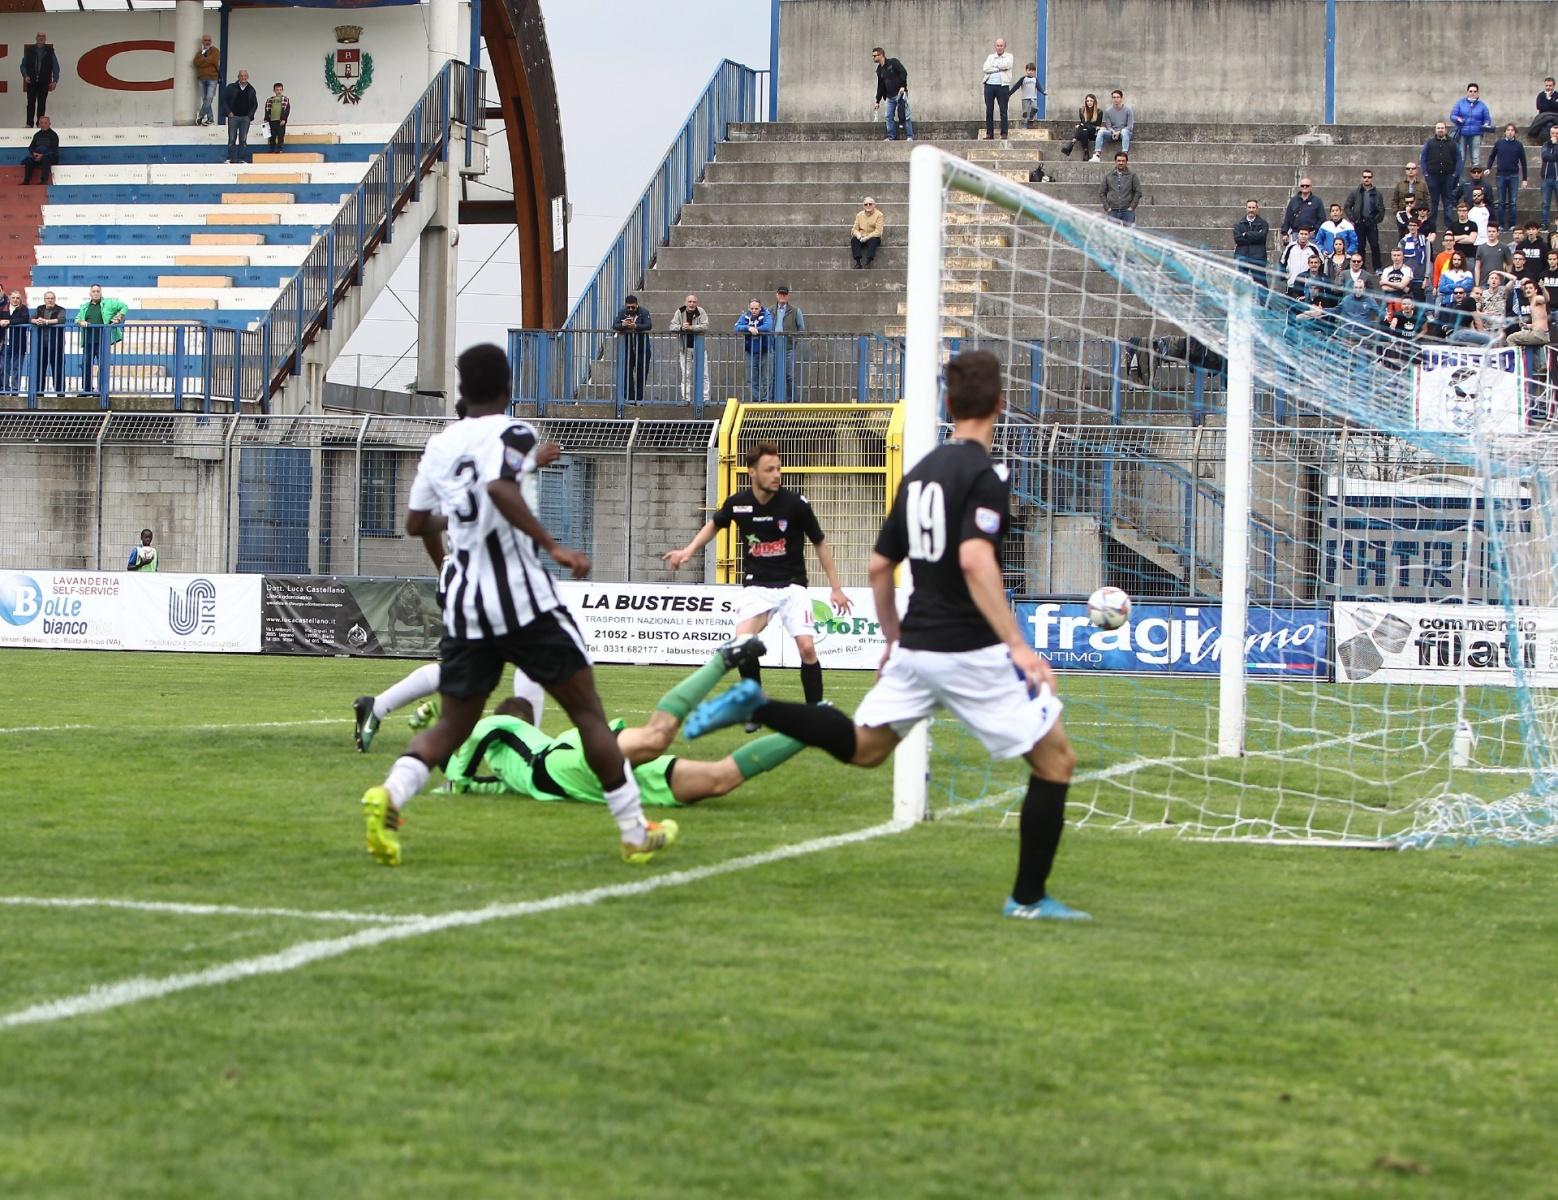 Busto Arsizio 02/04/2017#br/#Campionato Serie D Gir B#br/#Aurora Pro Patria - Cavenago Fanfulla#br/#Nella foto: 2 0 GOAL DI DISABATO